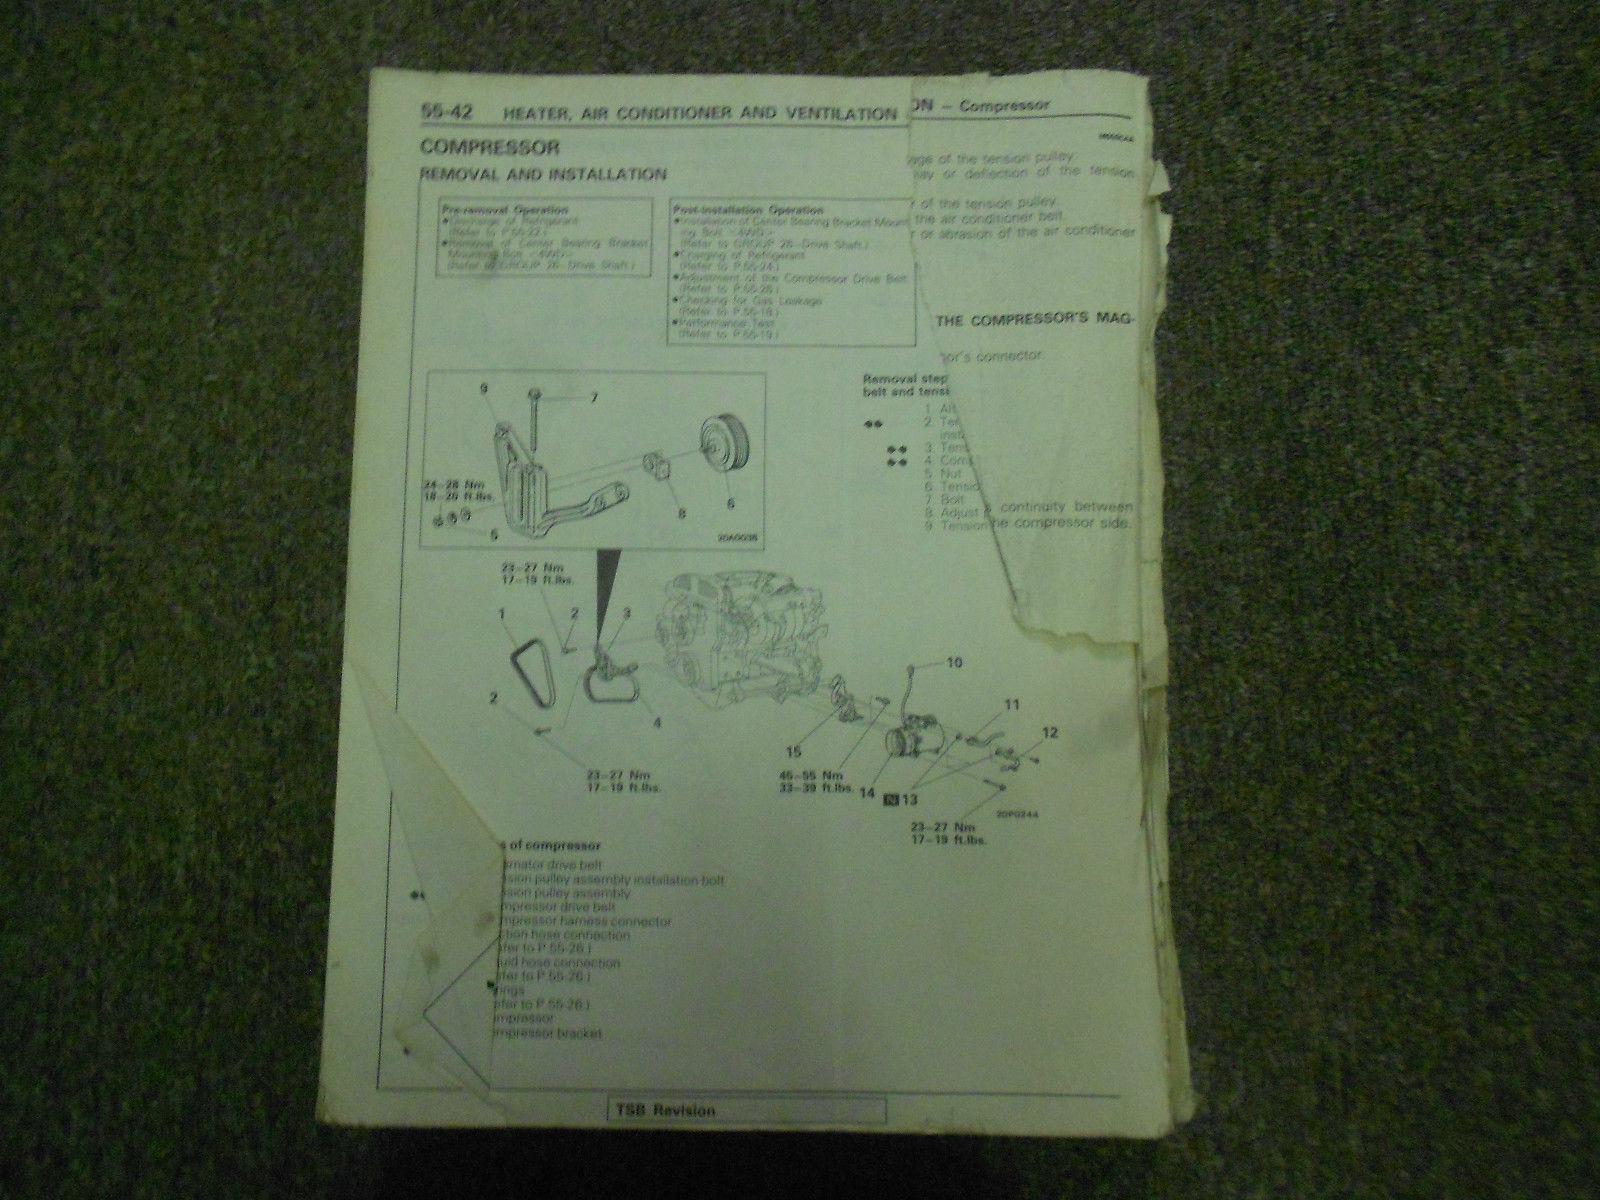 1989 1990 mitsubishi galant service manual and 50 similar items rh bonanza com 2011 Mitsubishi Galant Service Manual 2003 Mitsubishi Galant Wiring-Diagram